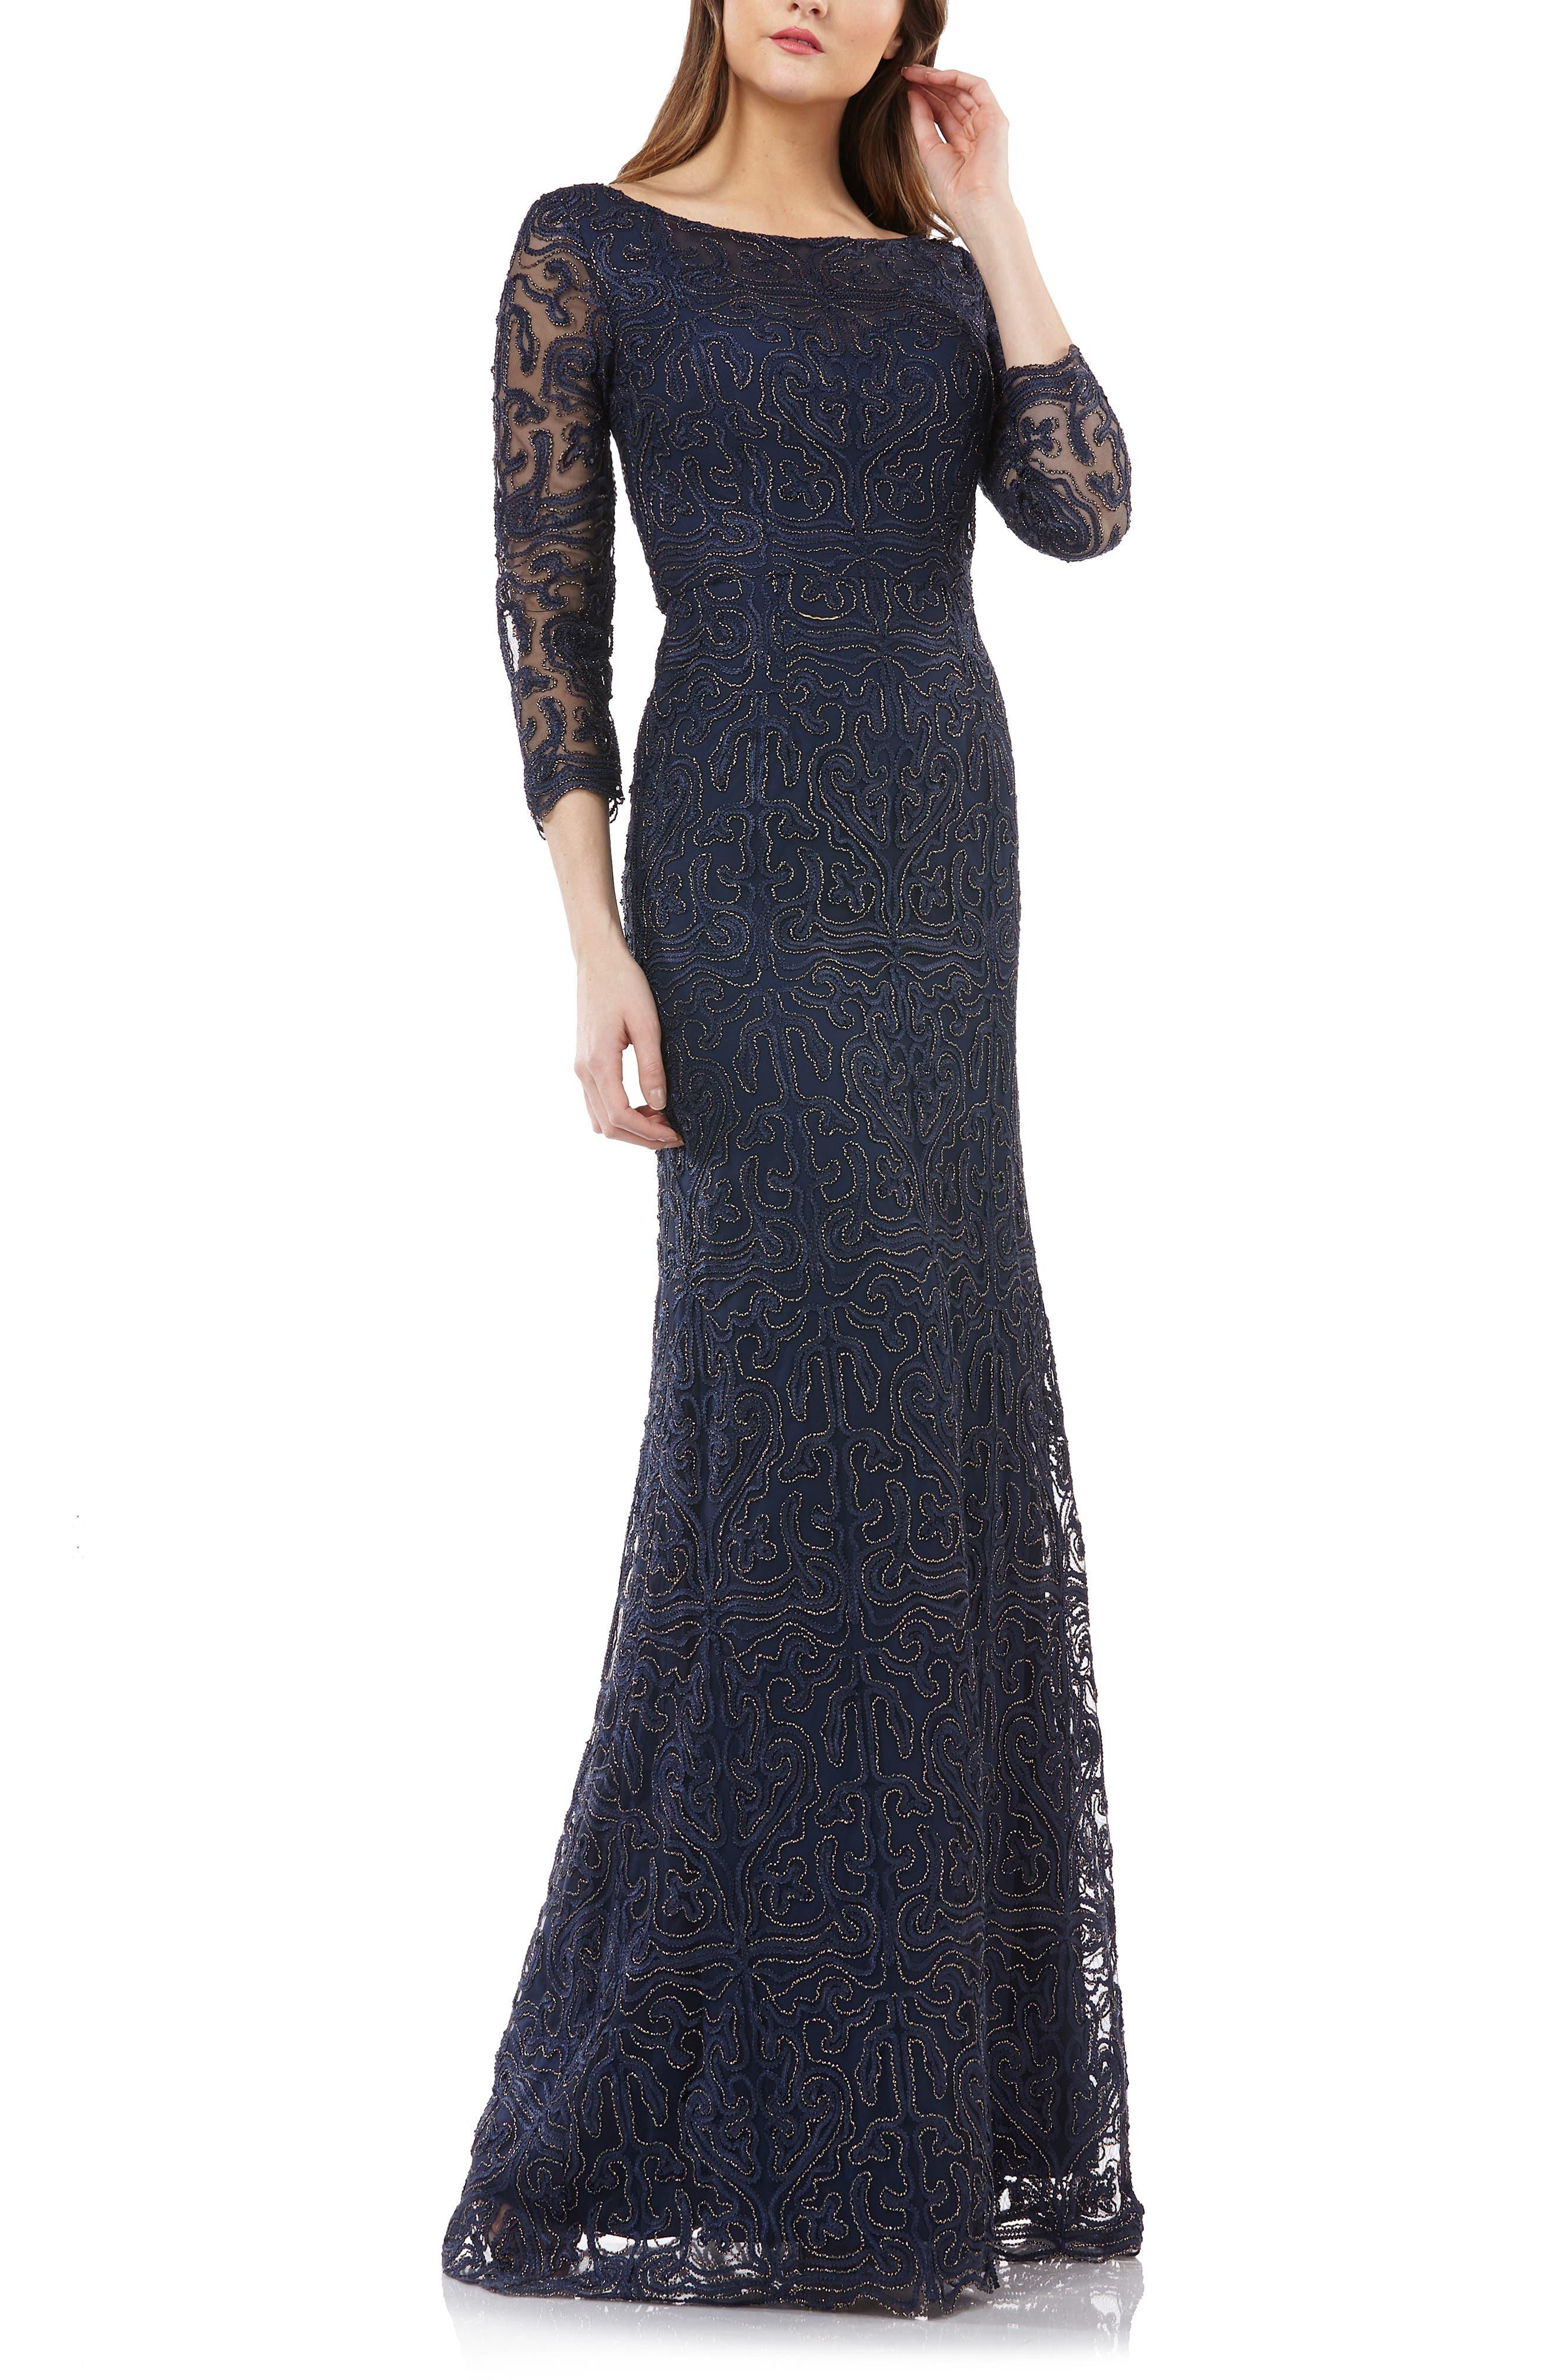 JS Boutique Dresses Online